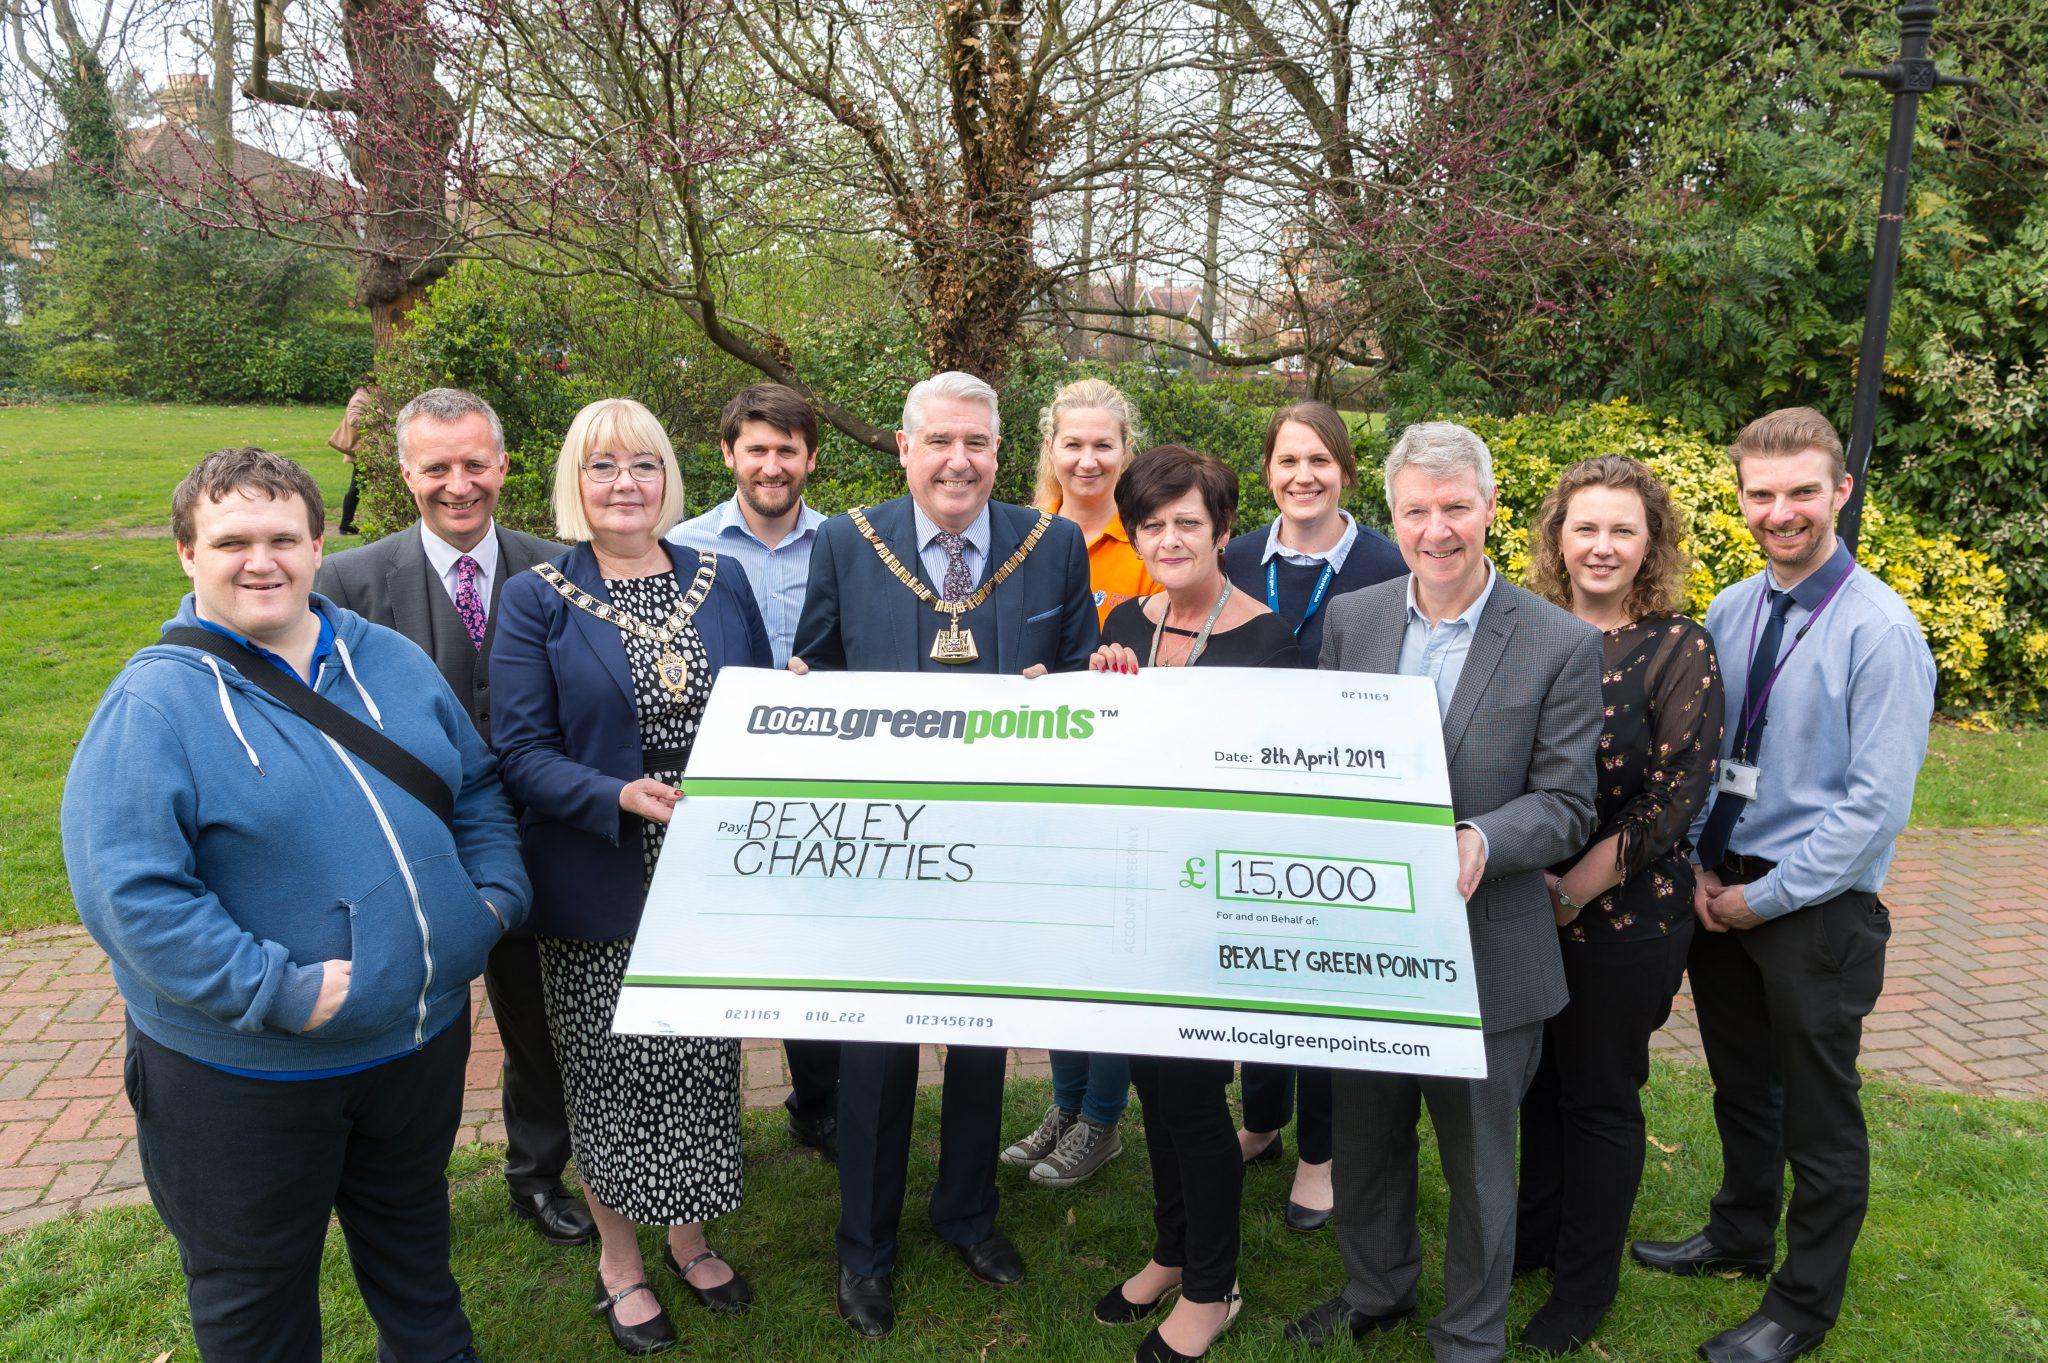 Bexley charities receive £5,000